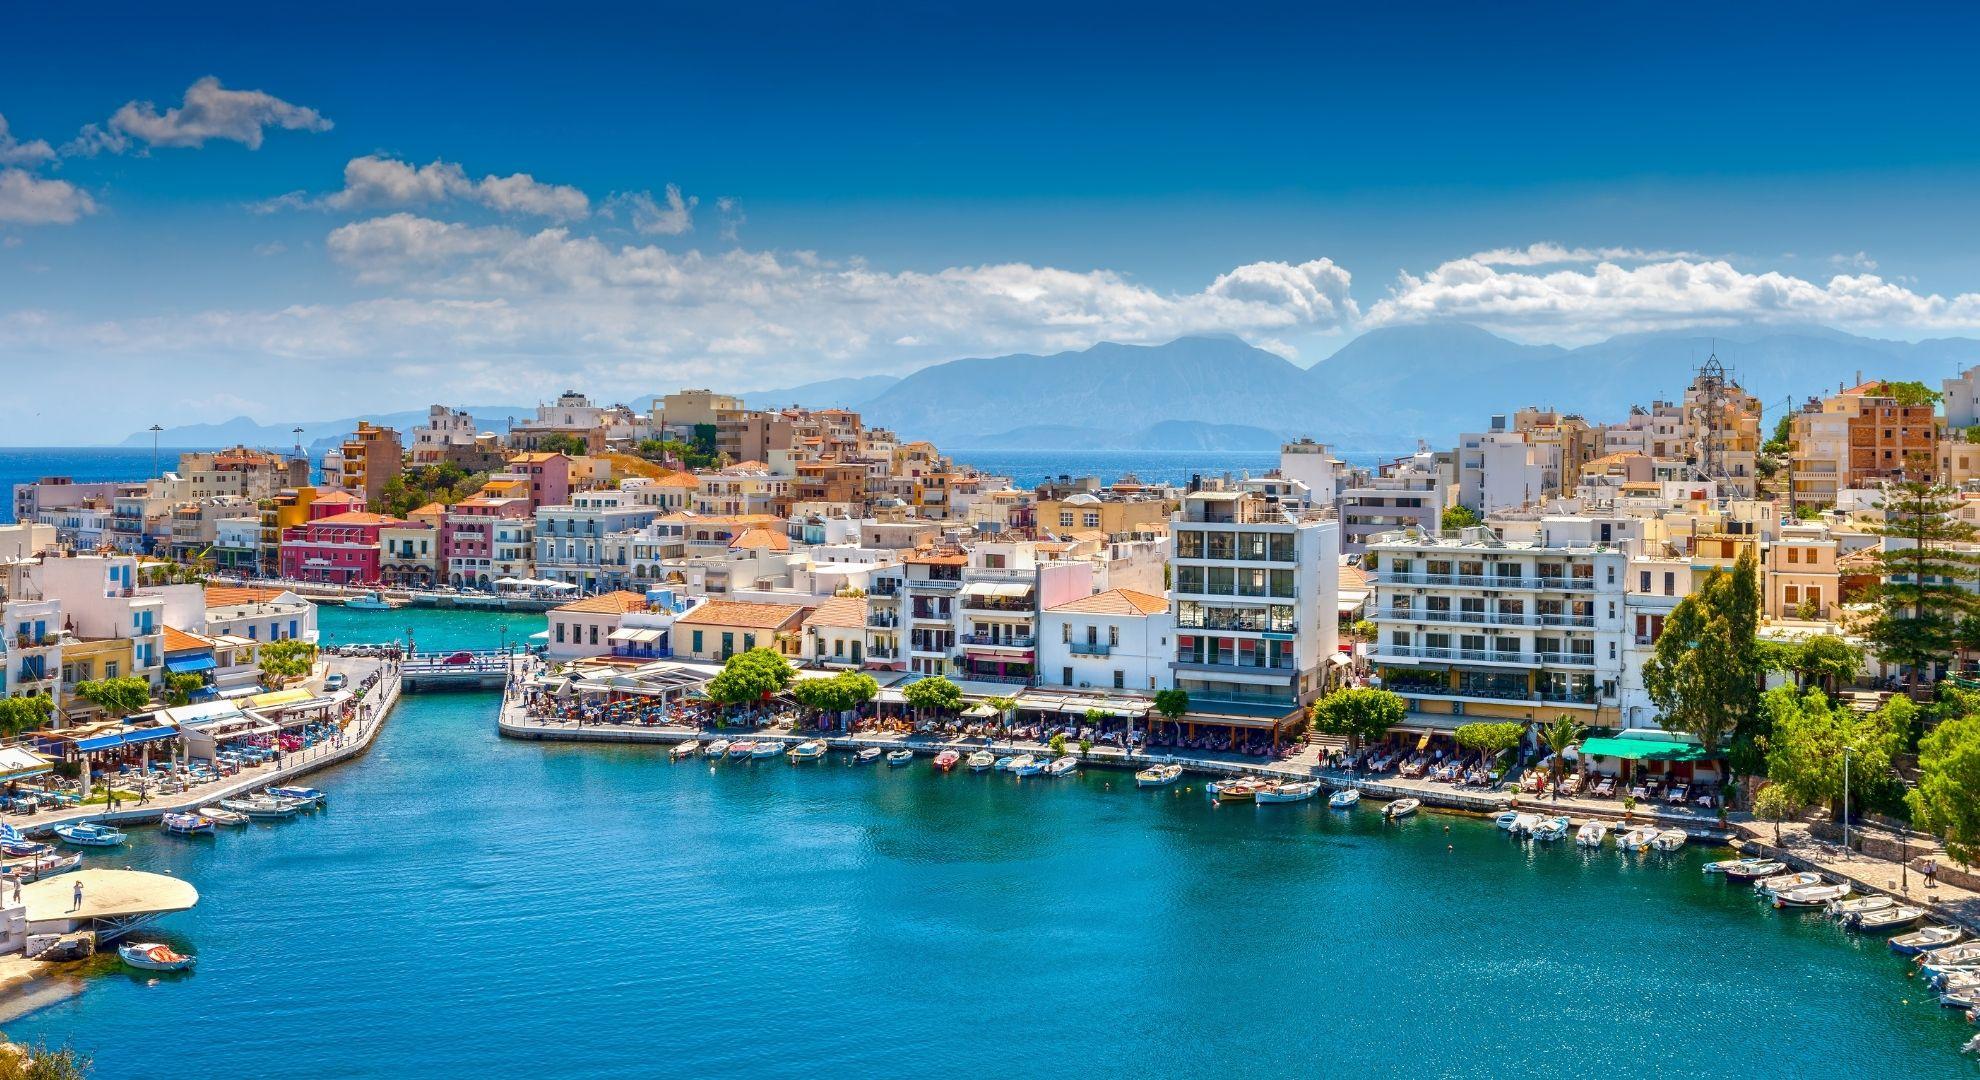 Kulinarično pohodniški vrhunci Krete 8 dni